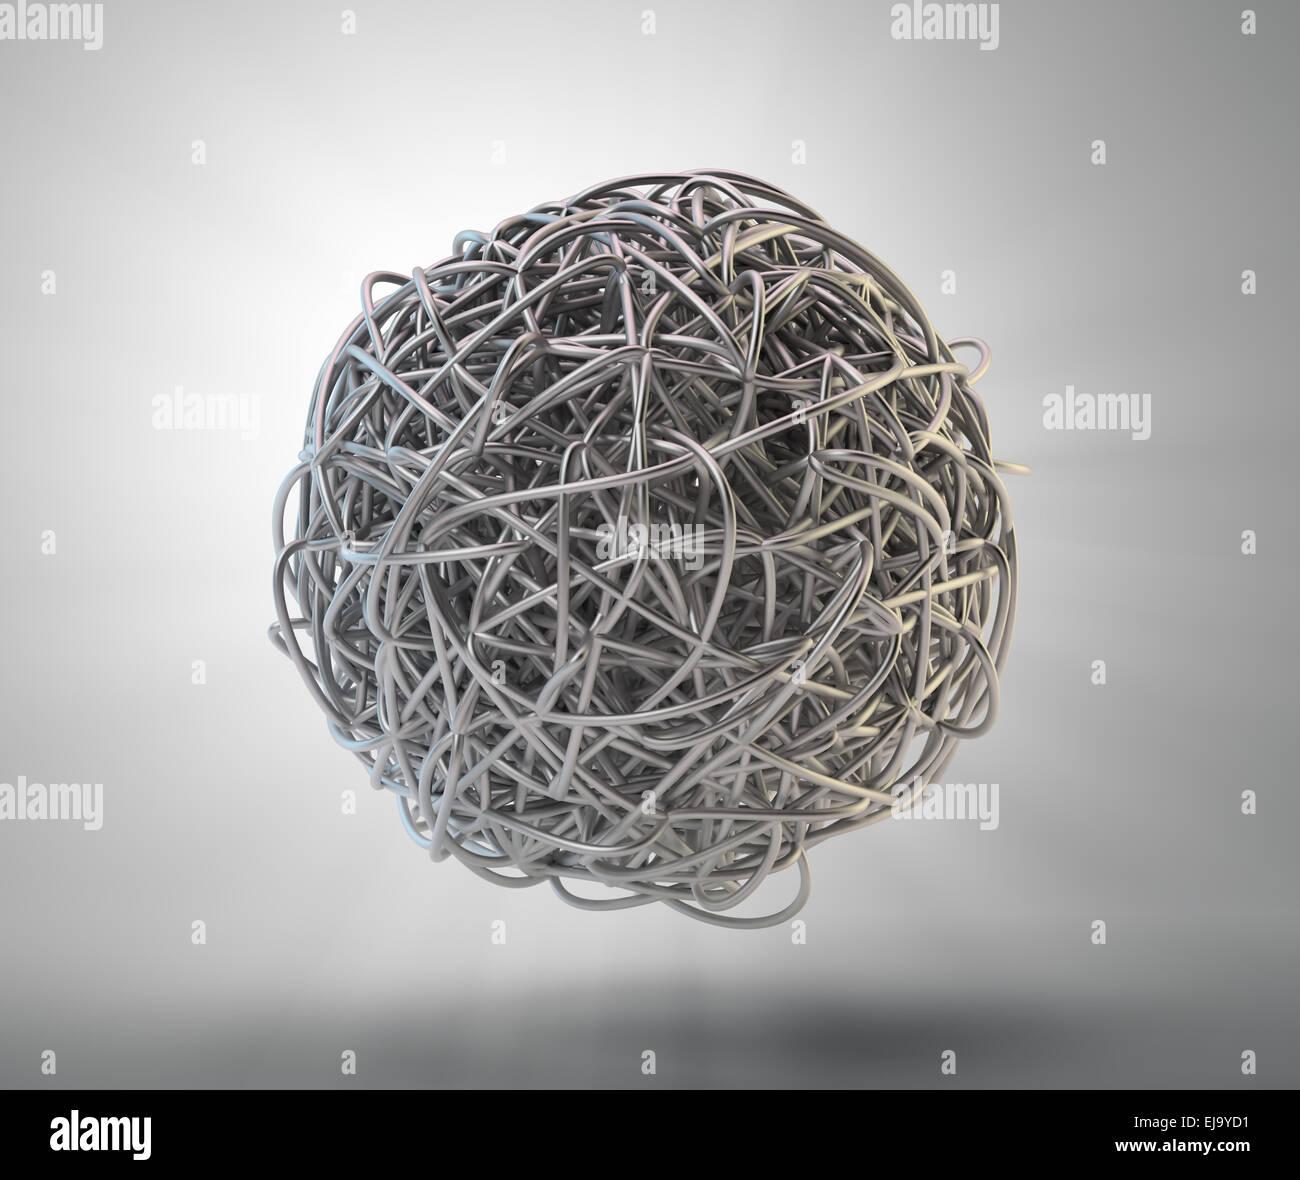 Un abstract 3d rendering di aggrovigliate listelli in metallo Immagini Stock